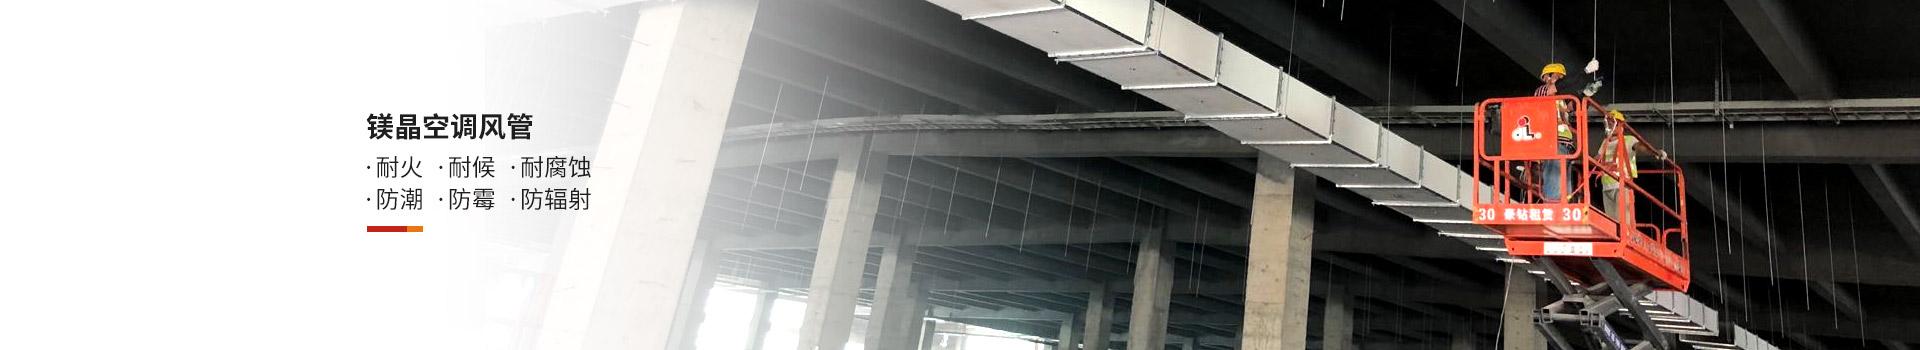 镁质暖通风管